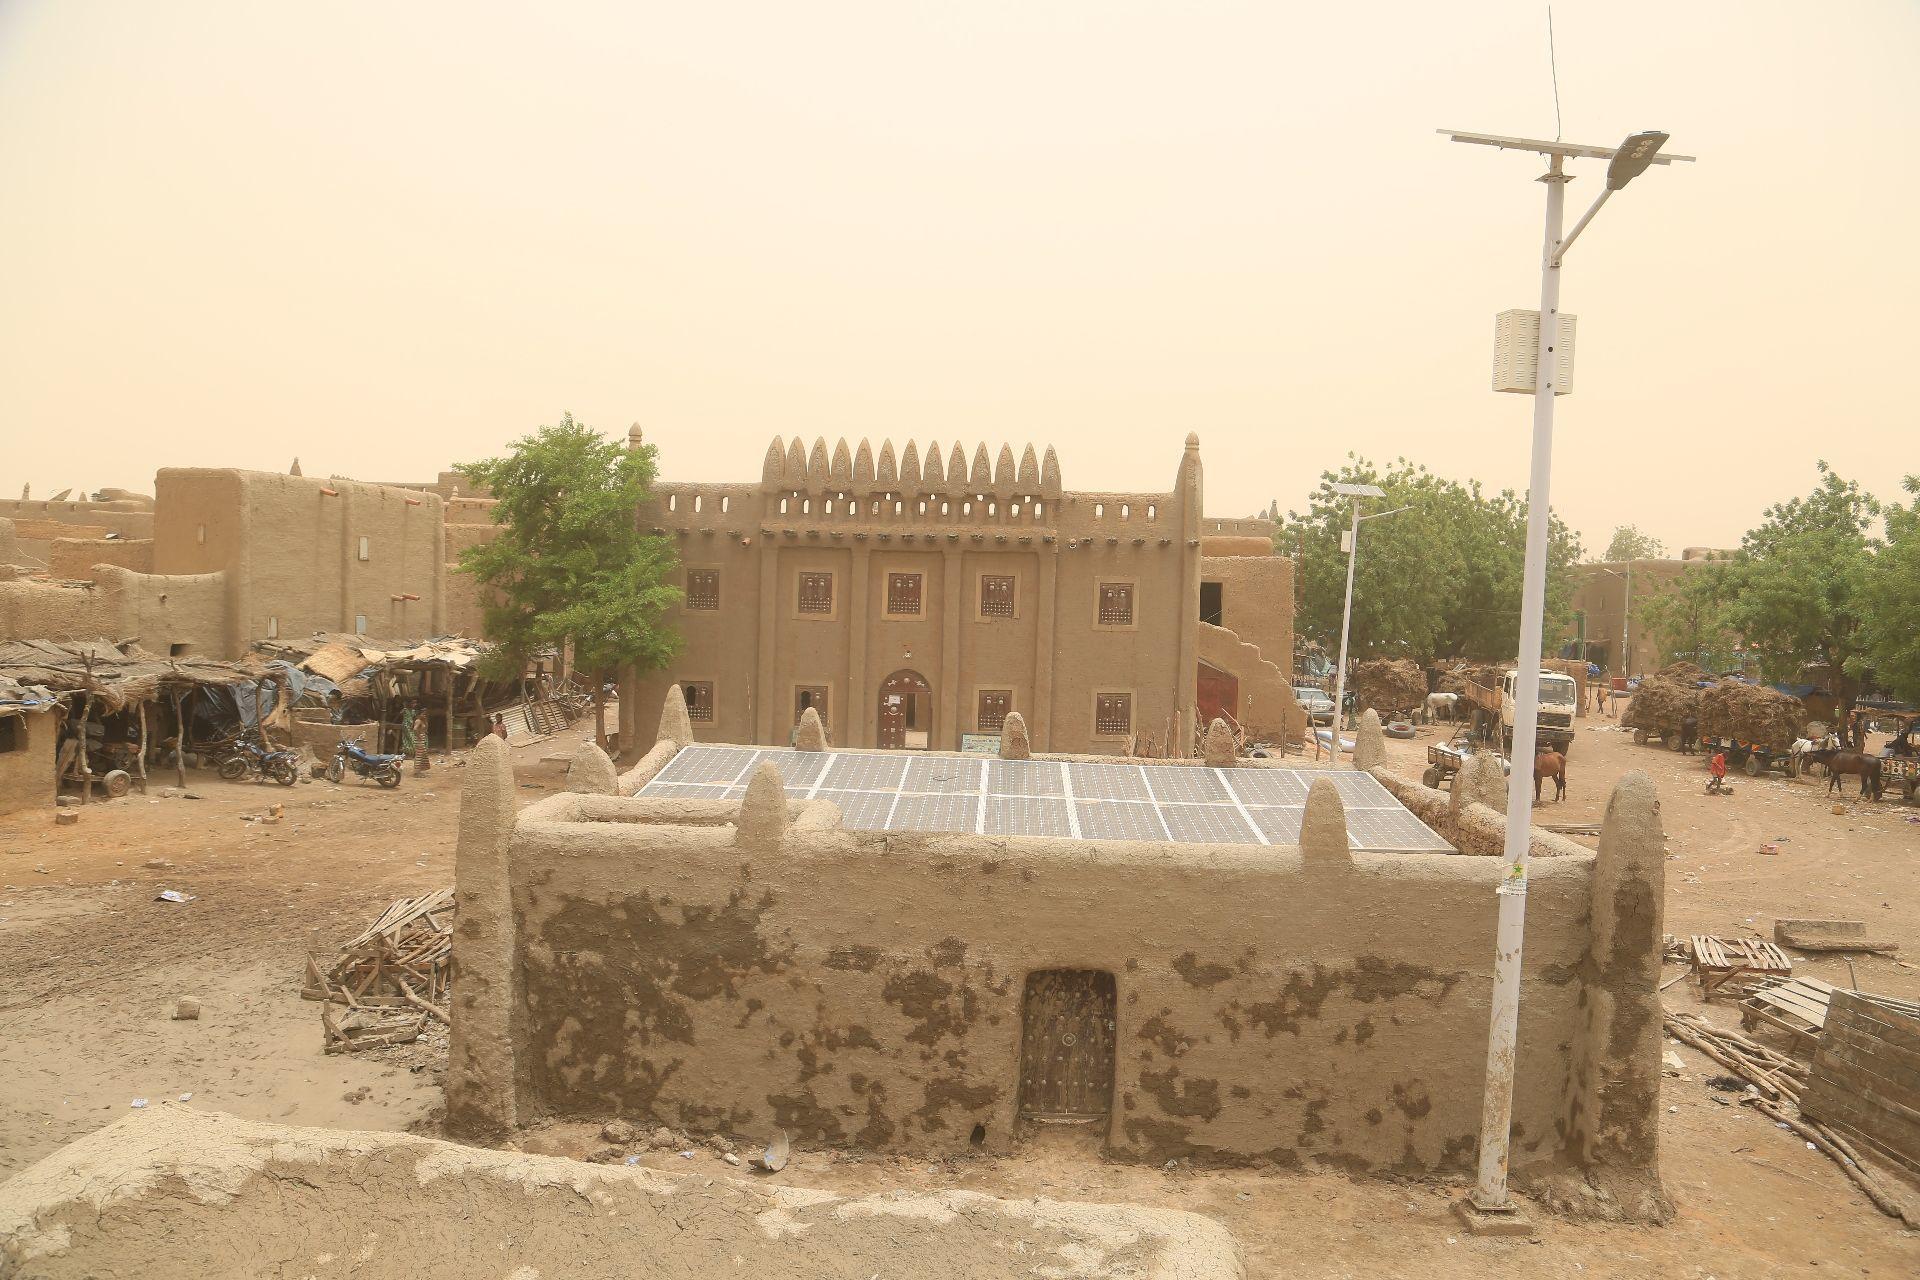 La Mosquée de Djenné, au Mali, et son nouveau système d'énergie solaire offert par l'Unesco et l'Espagne, le 28 avril 2019.